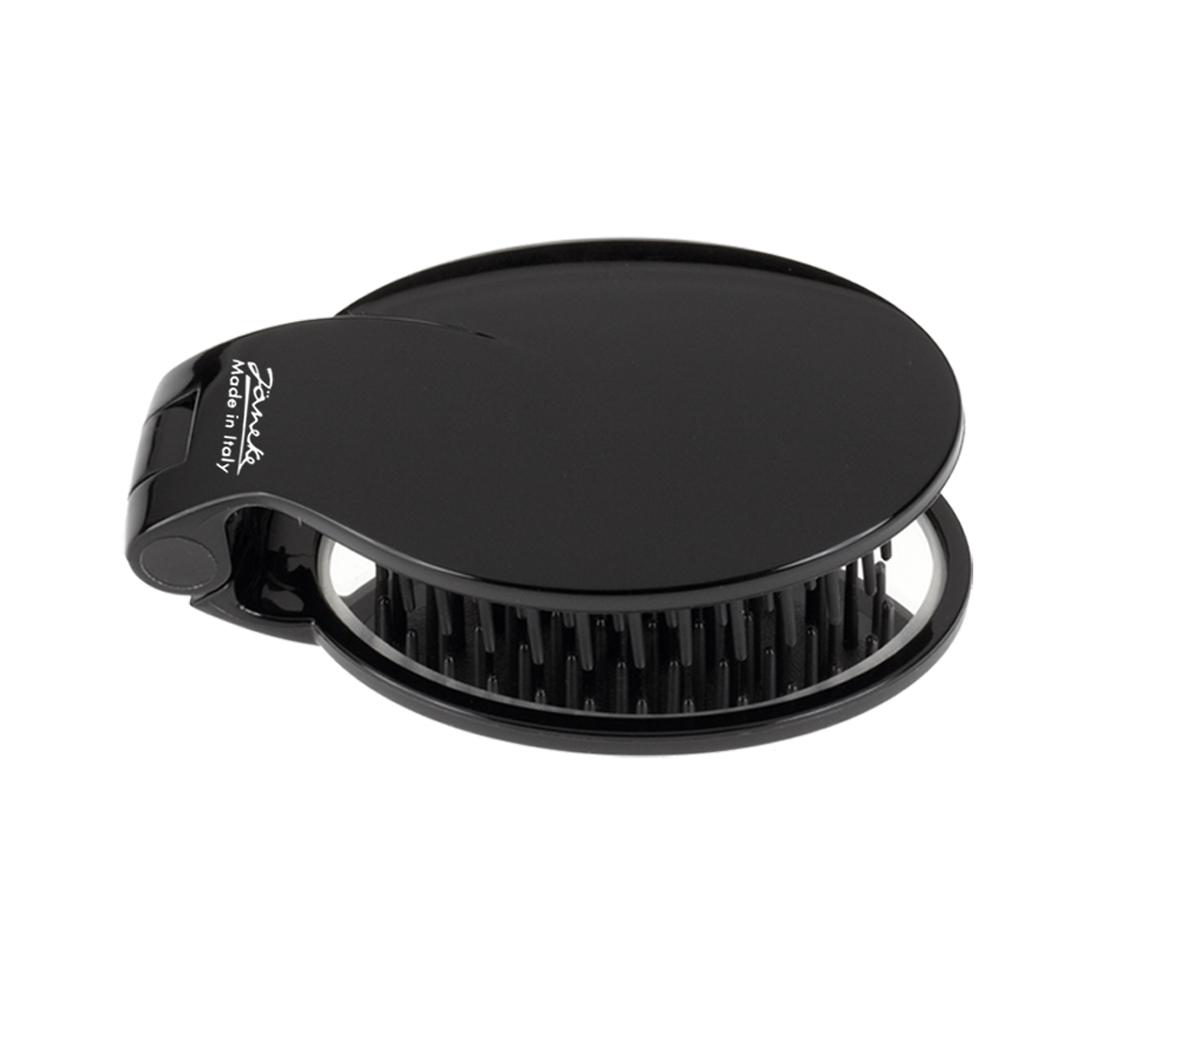 Janeke Щетка массажная, SP03 NER772294Марка Janeke – мировой лидер по производству расчесок, щеток, маникюрных принадлежностей, зеркал и косметичек. Марка Janeke, основанная в 1830 году, вот уже почти 180 лет поддерживает непревзойденное качество своей продукции, сочетая новейшие технологии с традициями старых миланских мастеров. Все изделия на 80% производятся вручную, а инновационные технологии и современные материалы делают продукцию марки поистине уникальной. Стильный и эргономичный дизайн, яркие цветовые решения – все это приносит истинное удовольствие от использования аксессуаров Janeke. Пластиковая линия из высококачественного сырья, большое разнообразие моделей и цветов, кончик расчески специально закруглен, чтобы предотвратить разрыв волоса